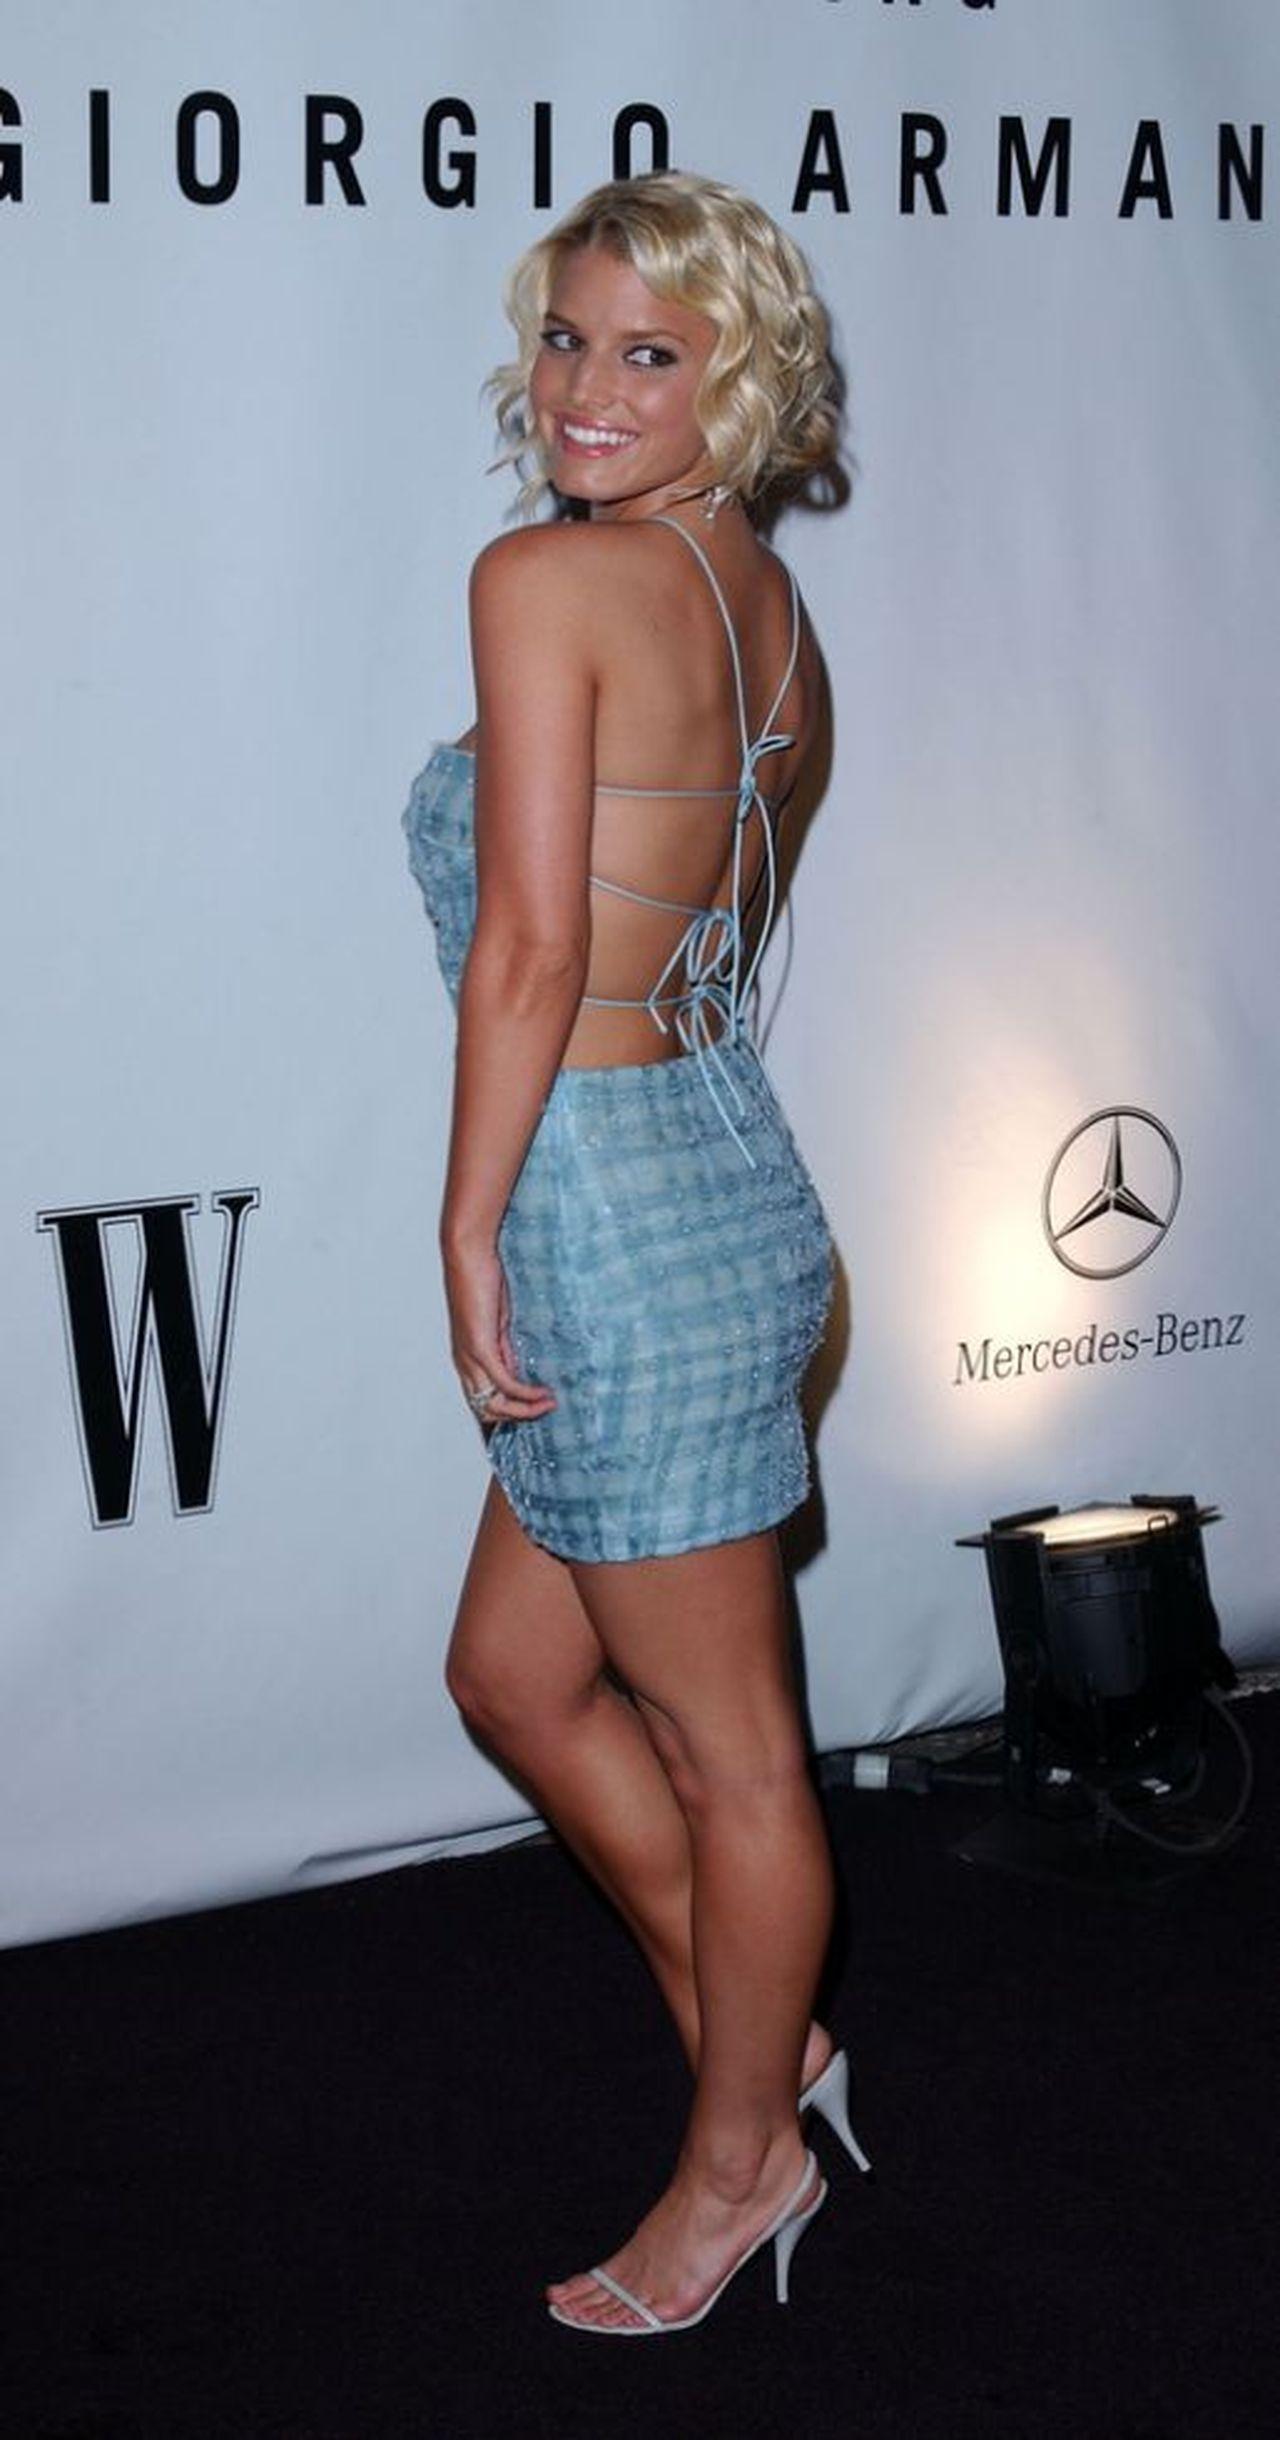 Jessica Simpson WYMIATA ze swoim #10yearschallenge - pokazała coś nietypowego